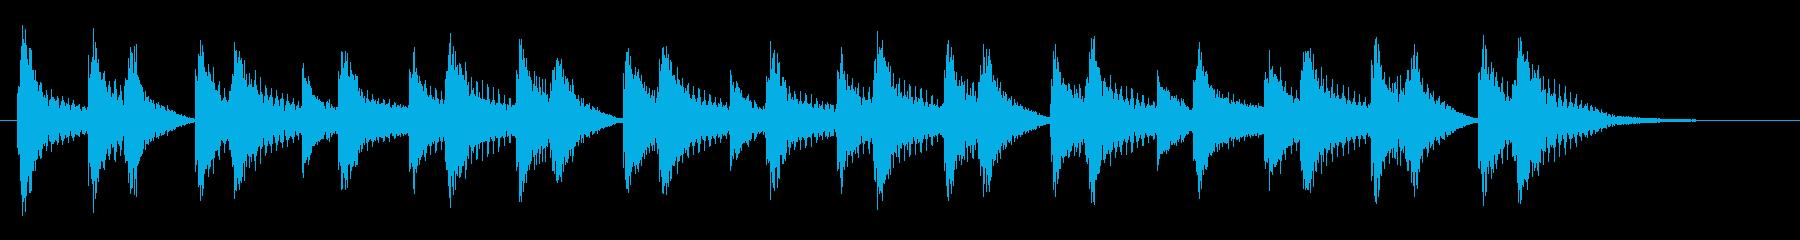 エーライヤッチャ!阿波踊り ♩125#3の再生済みの波形